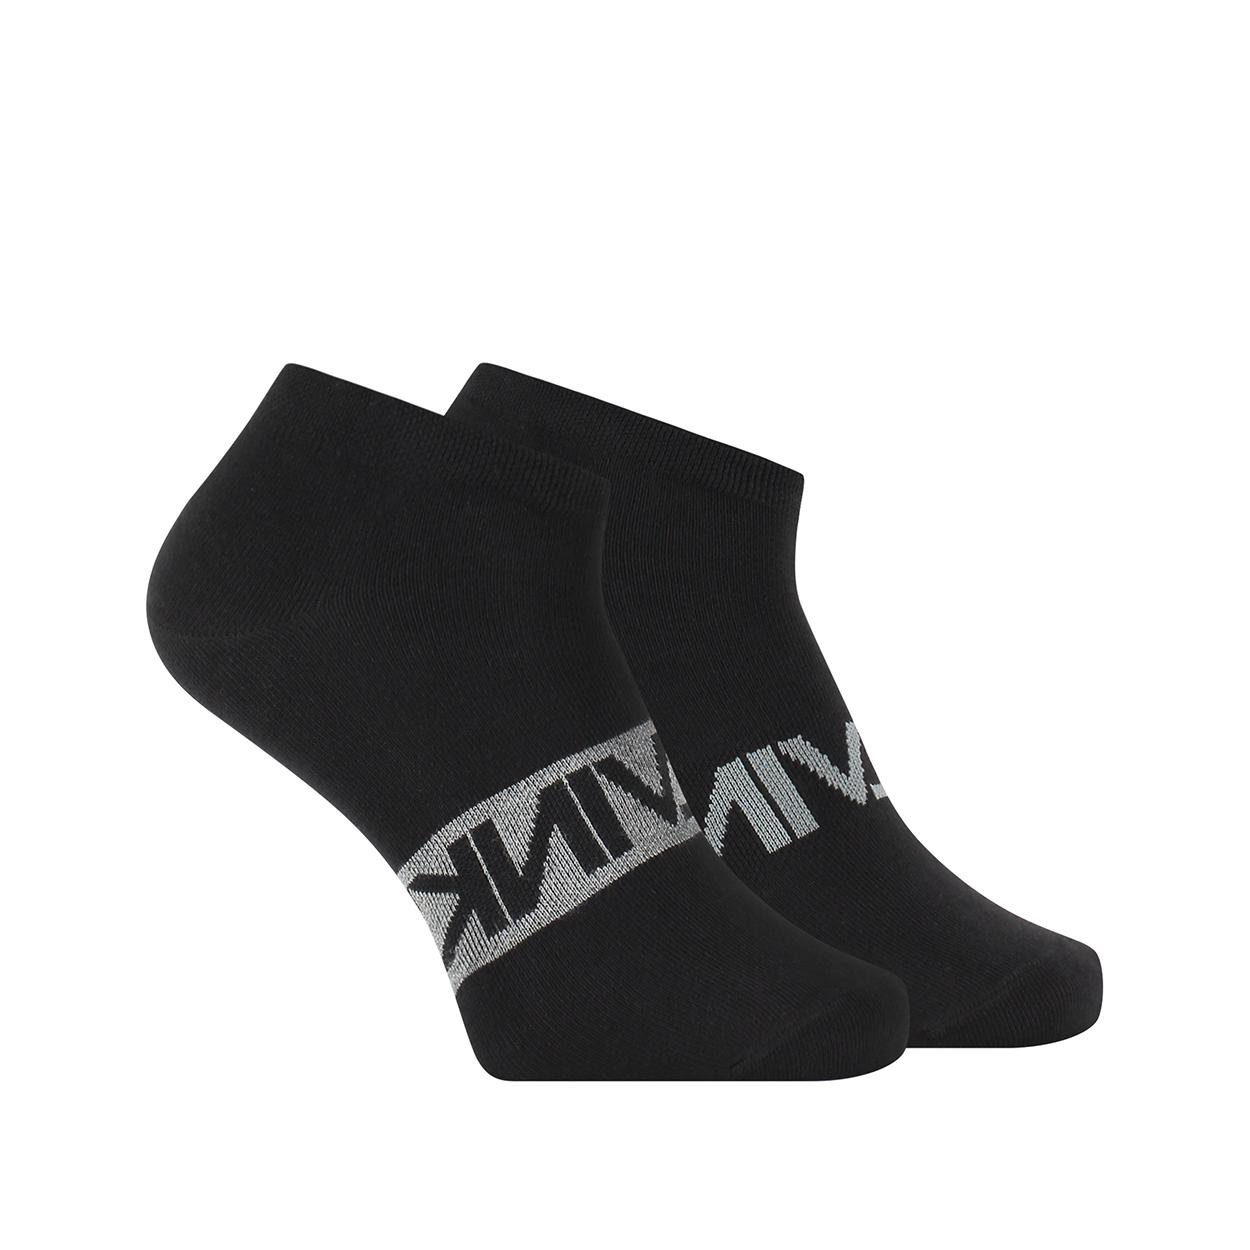 Lot de 2 paires de chaussettes basses calvin klein en coton mélangé stretch noir imprimé en gris